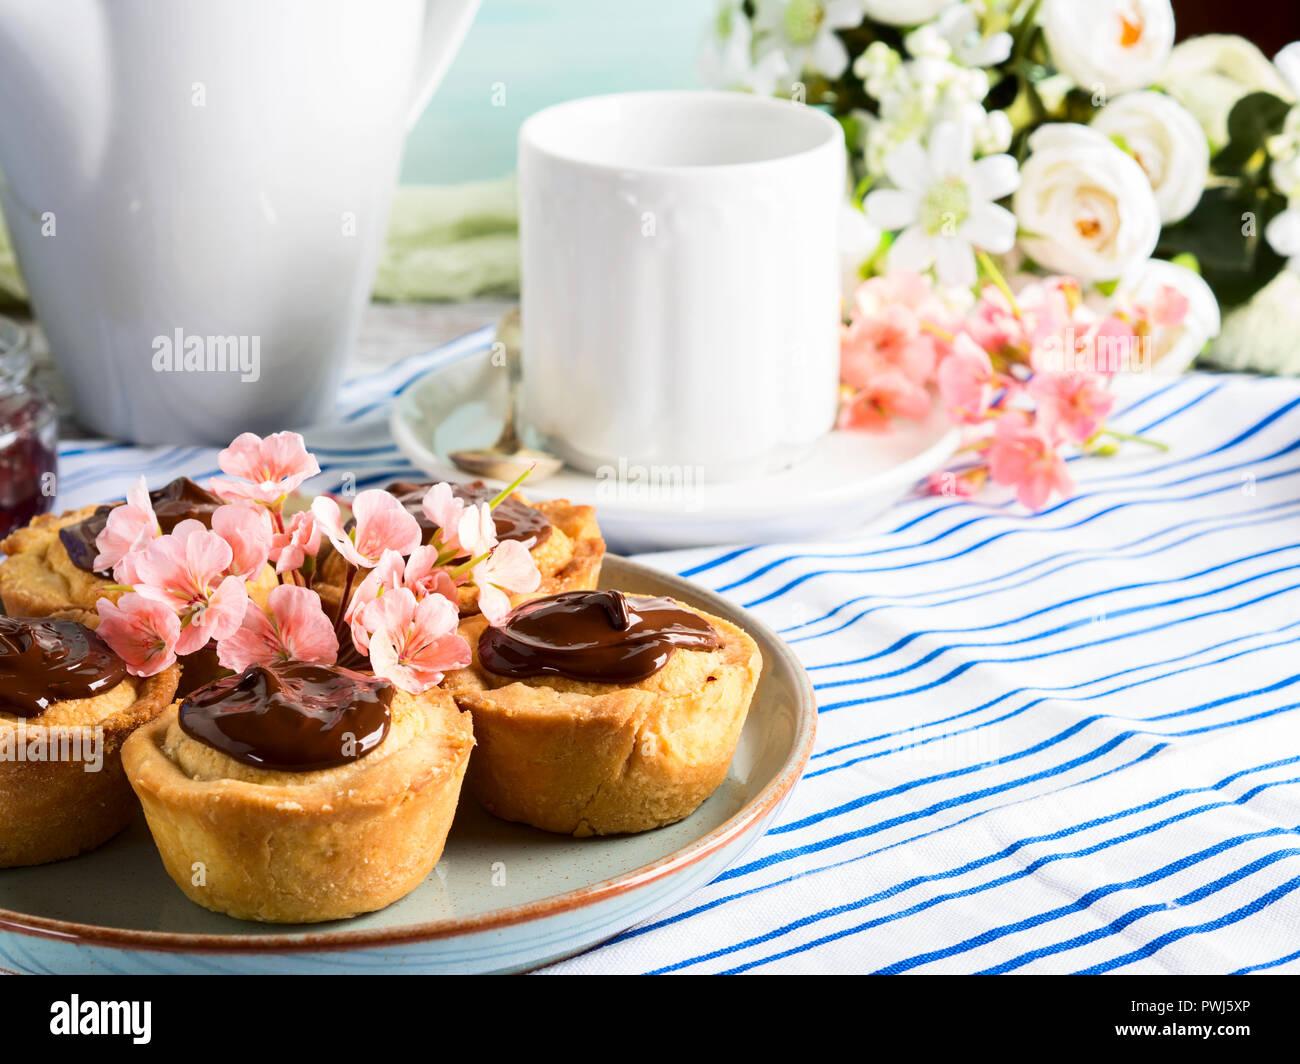 Kuchen Mit Frangipane Cherry Marmelade Und Schokolade Zuckerguss